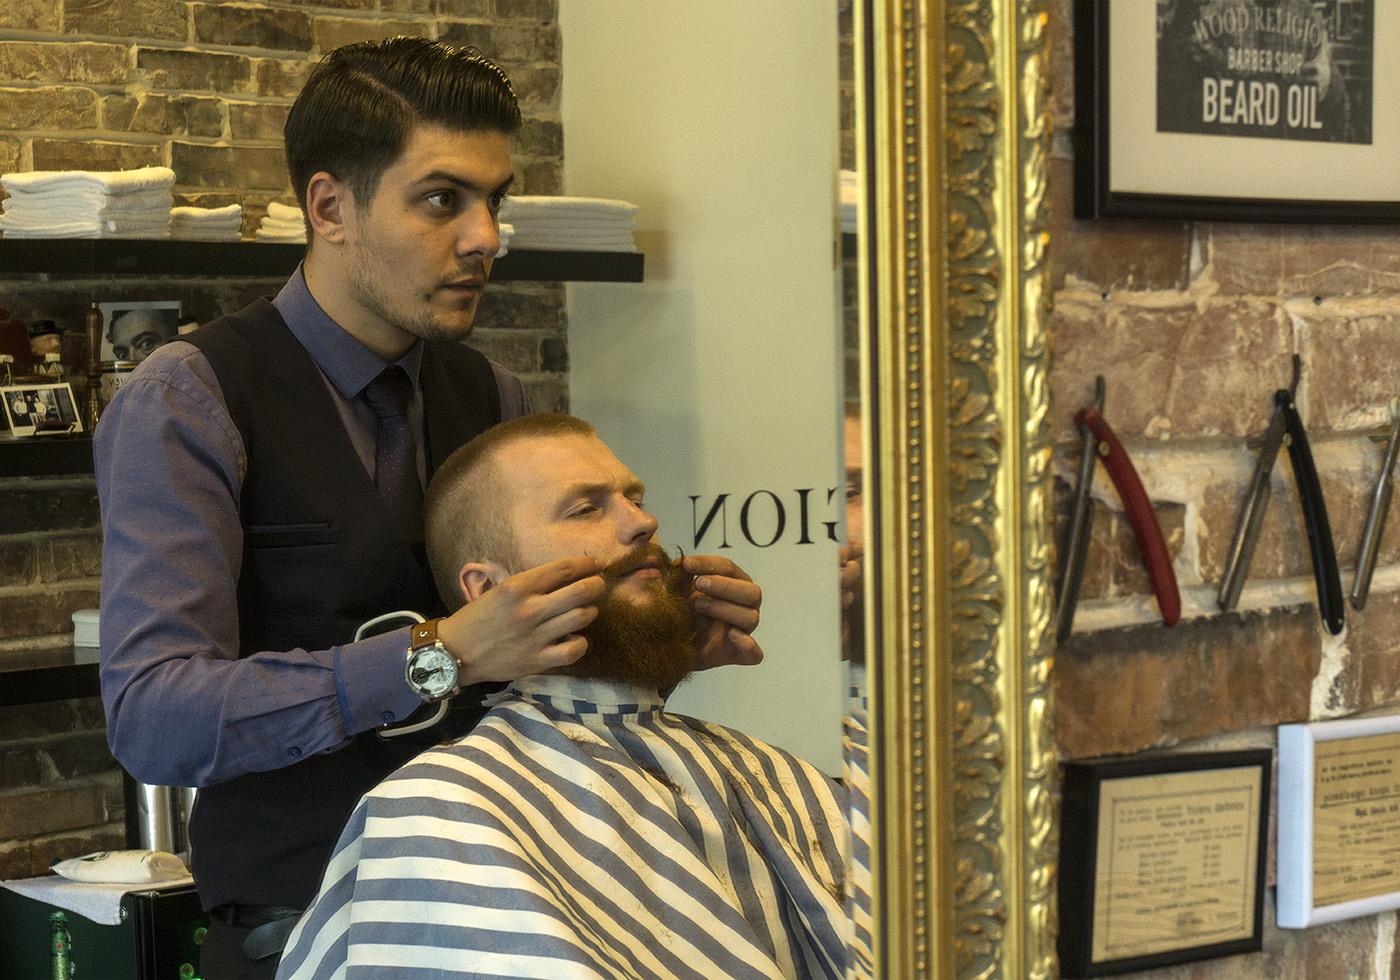 Andrei_Iliescu_Romania_Barbershop_04.jpg